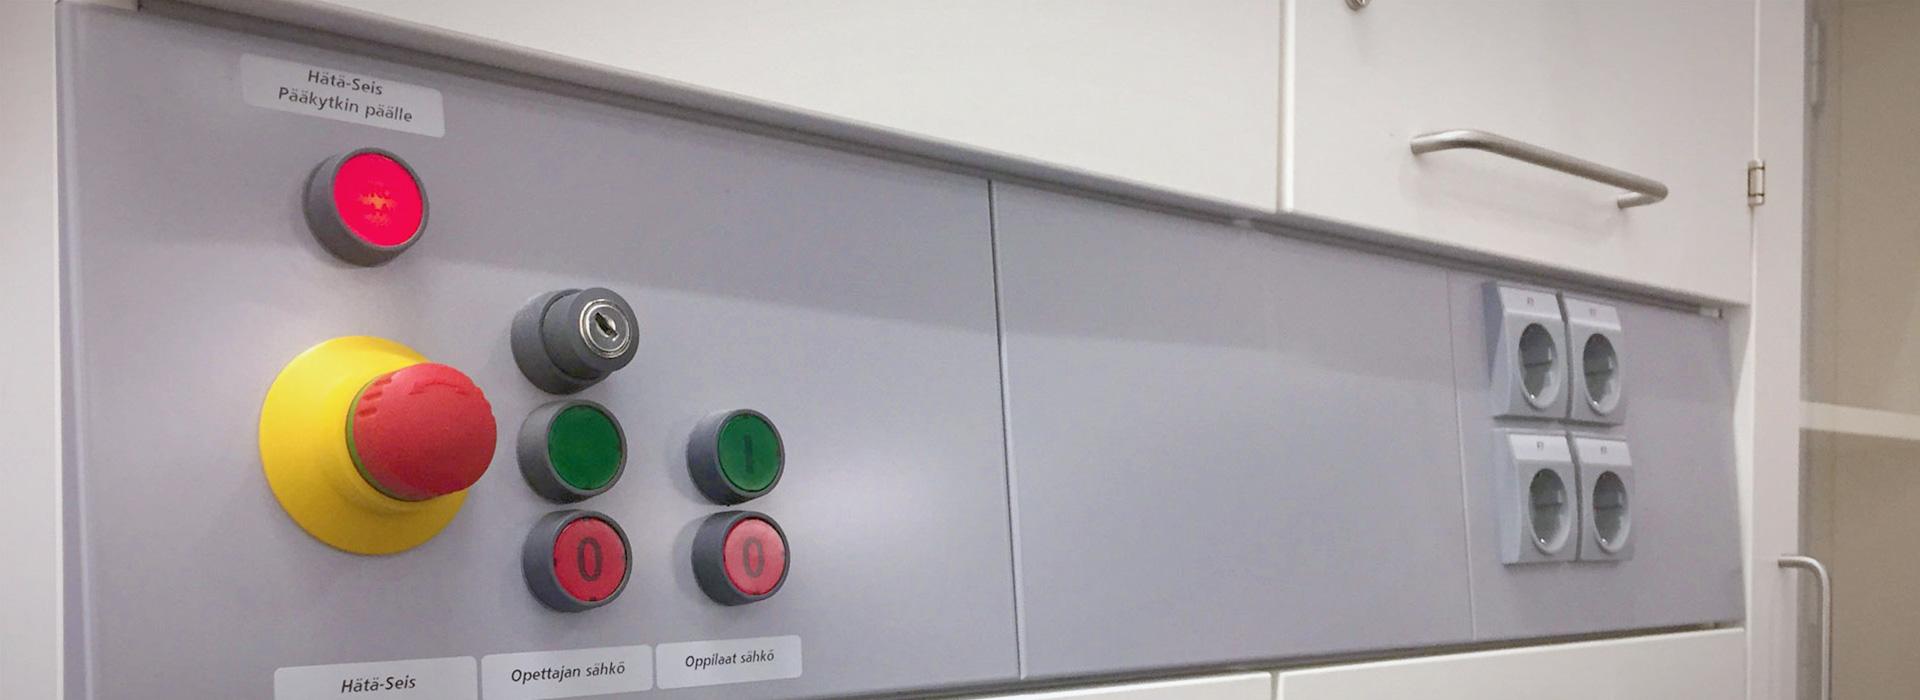 Images science classroom safety construction KULOSAAREN YHTEISKOULU, HELSINKI